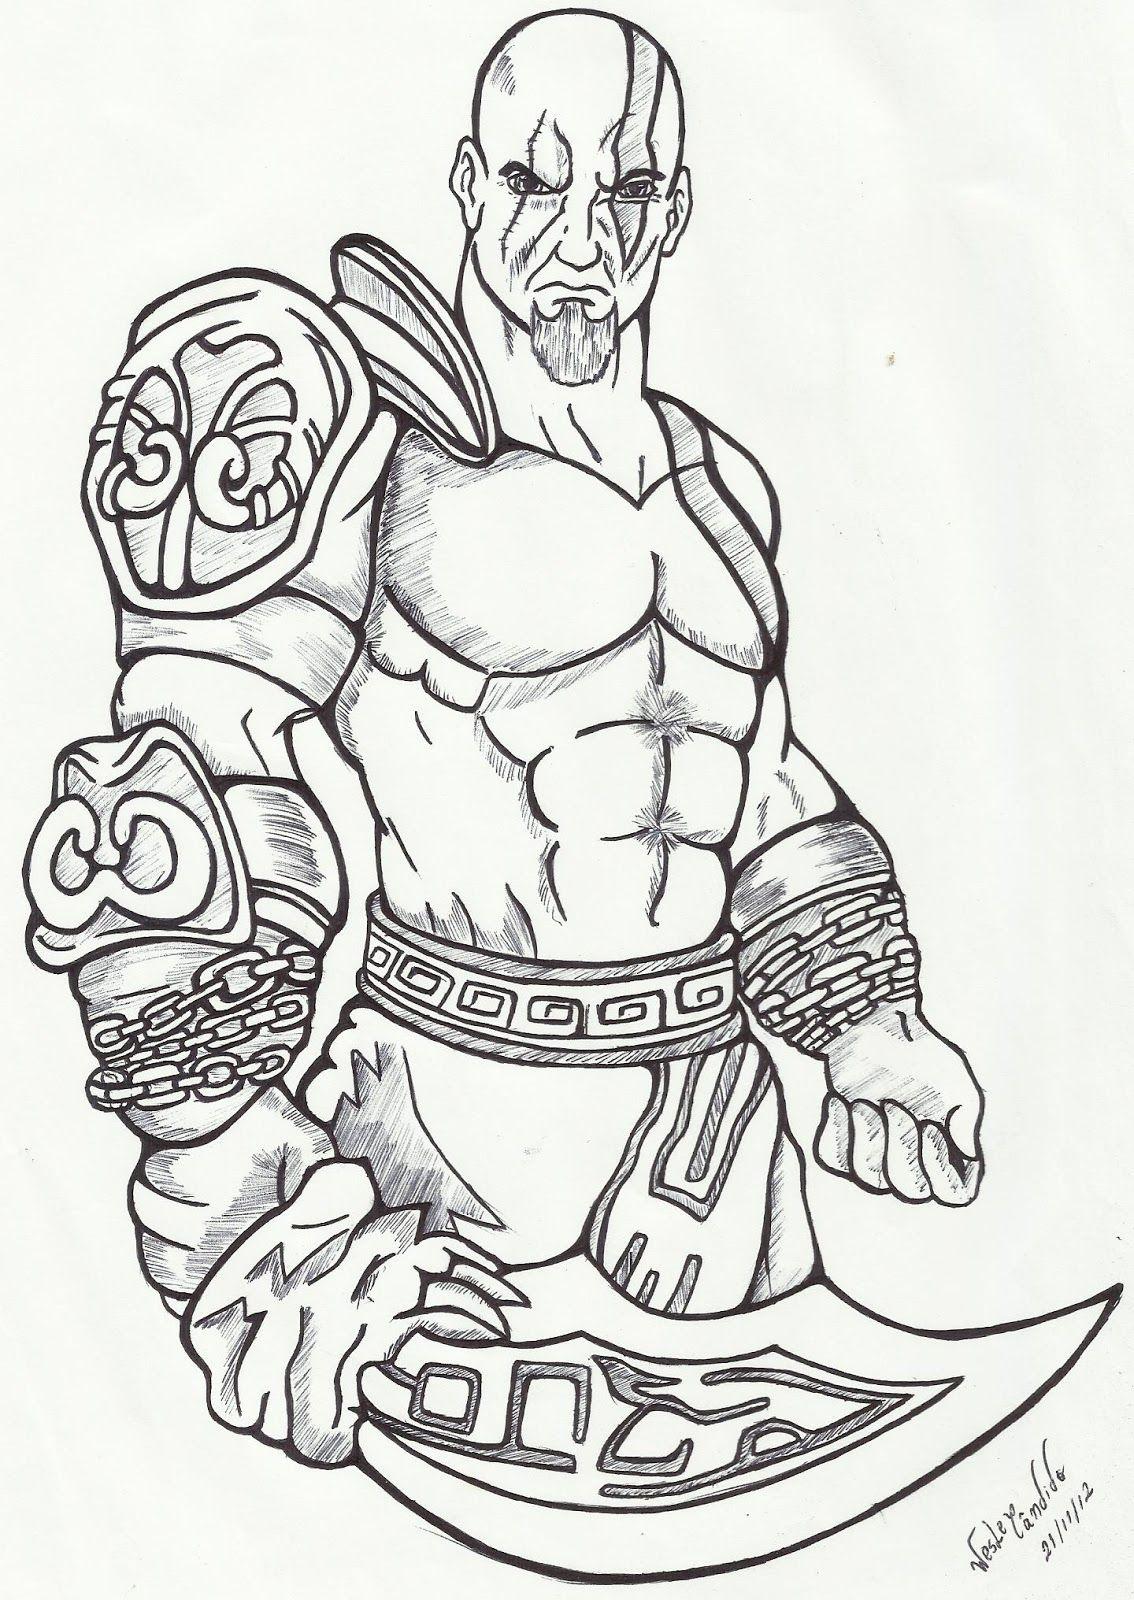 Wesley Desenhos   Março 2013 is part of Anime drawings -